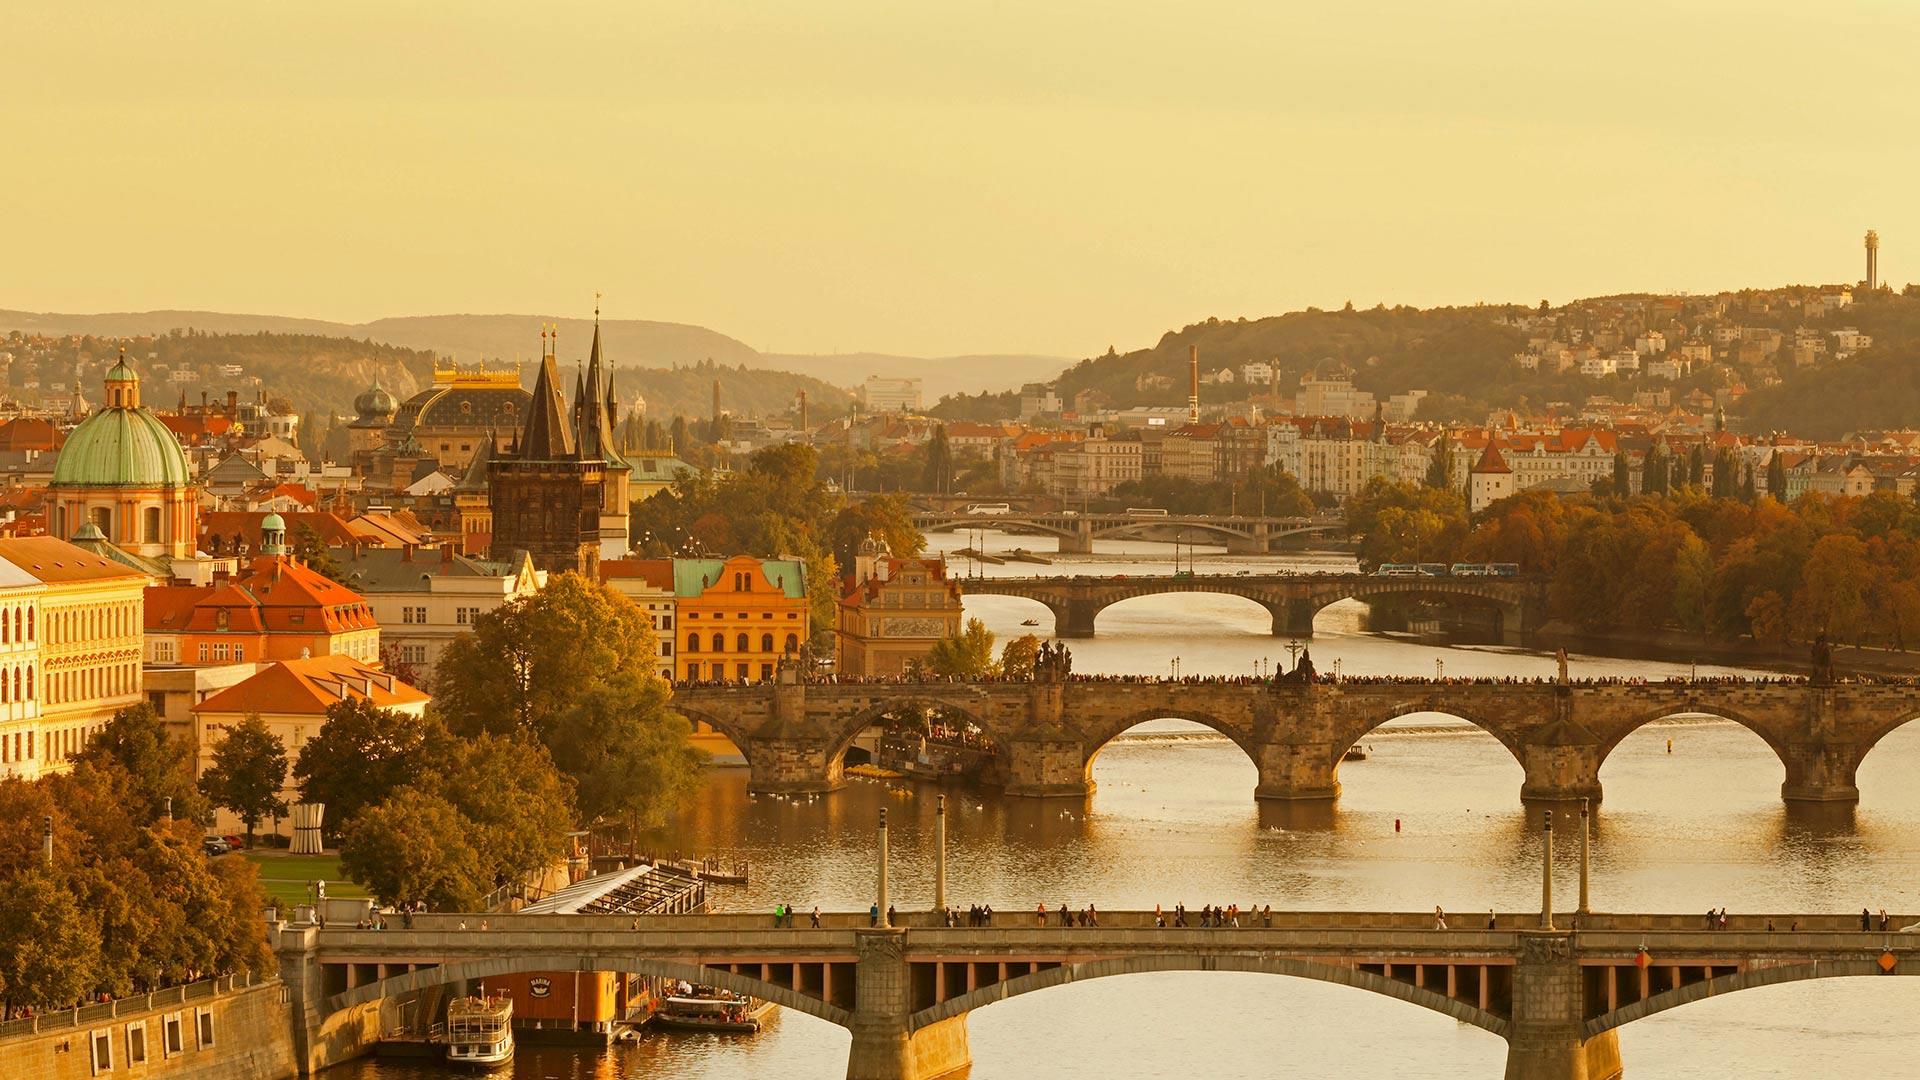 For the 30th anniversary of the Velvet Revolution, bridges over the Vltava River, Prague, Czech Republic (© Markus Lange/Offset)(Bing United States)